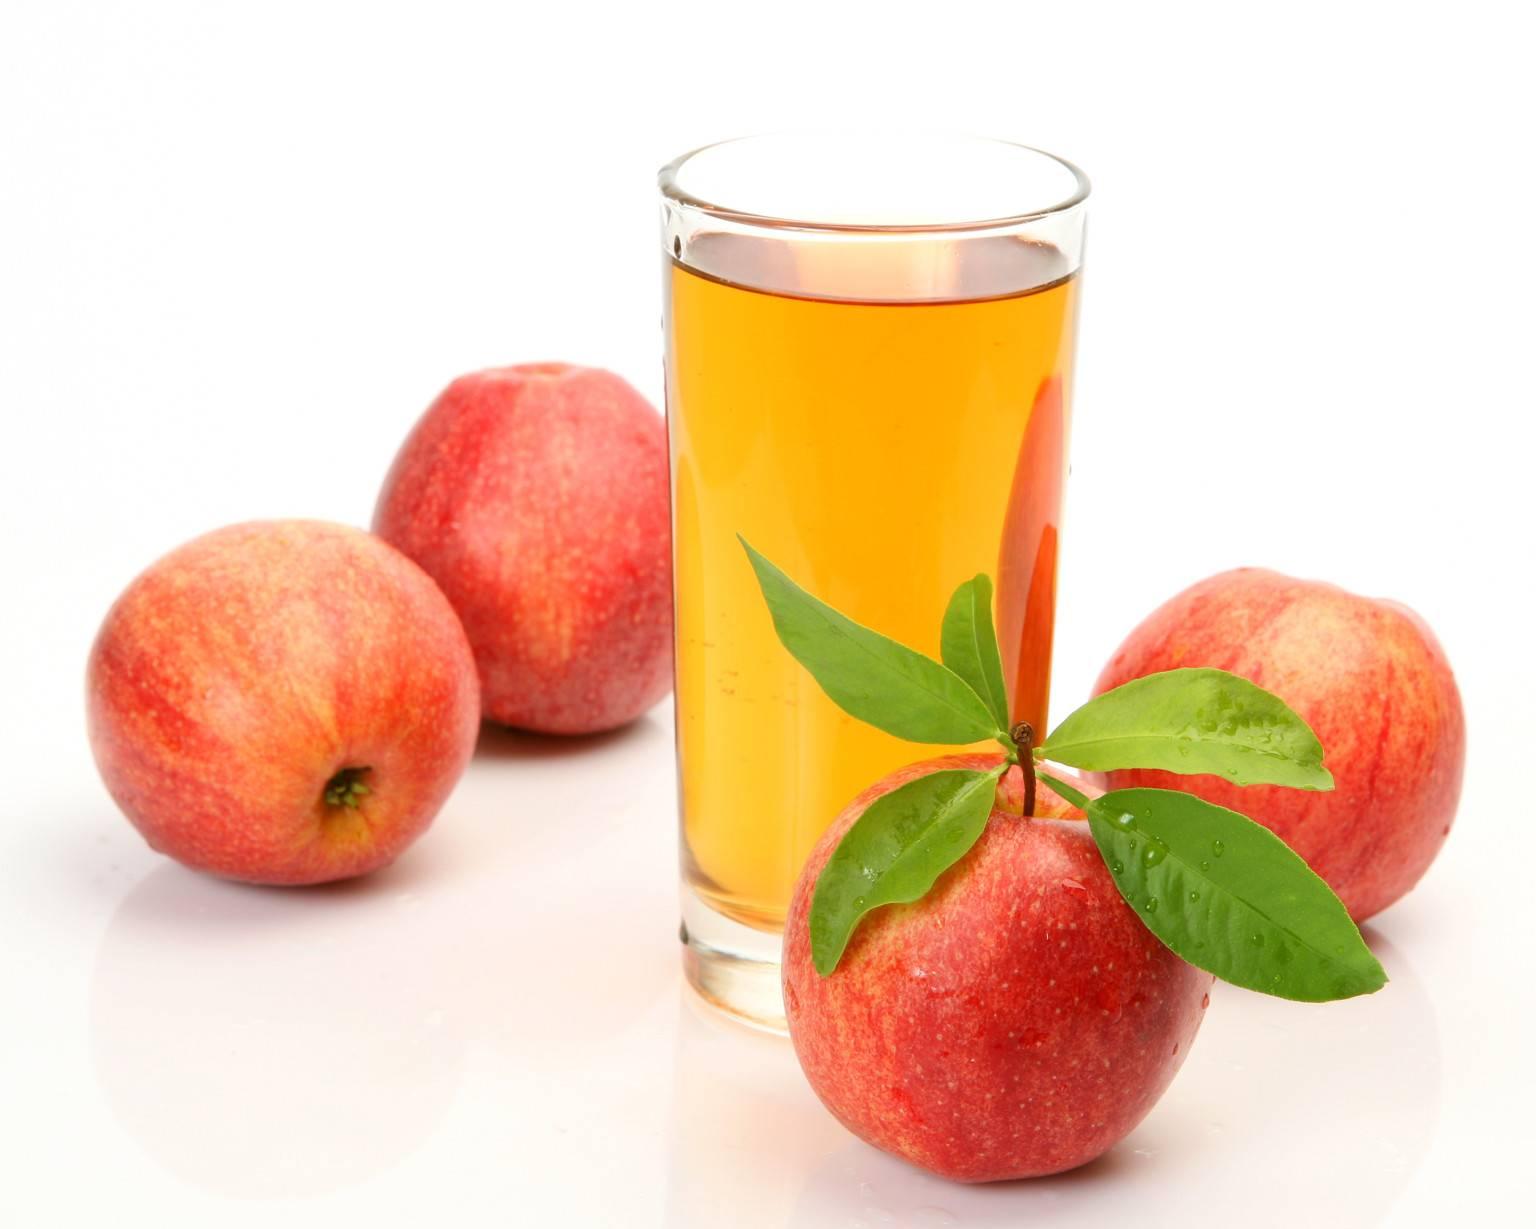 Яблоки и яблочный сок: польза и вред для здоровья | польза и вред